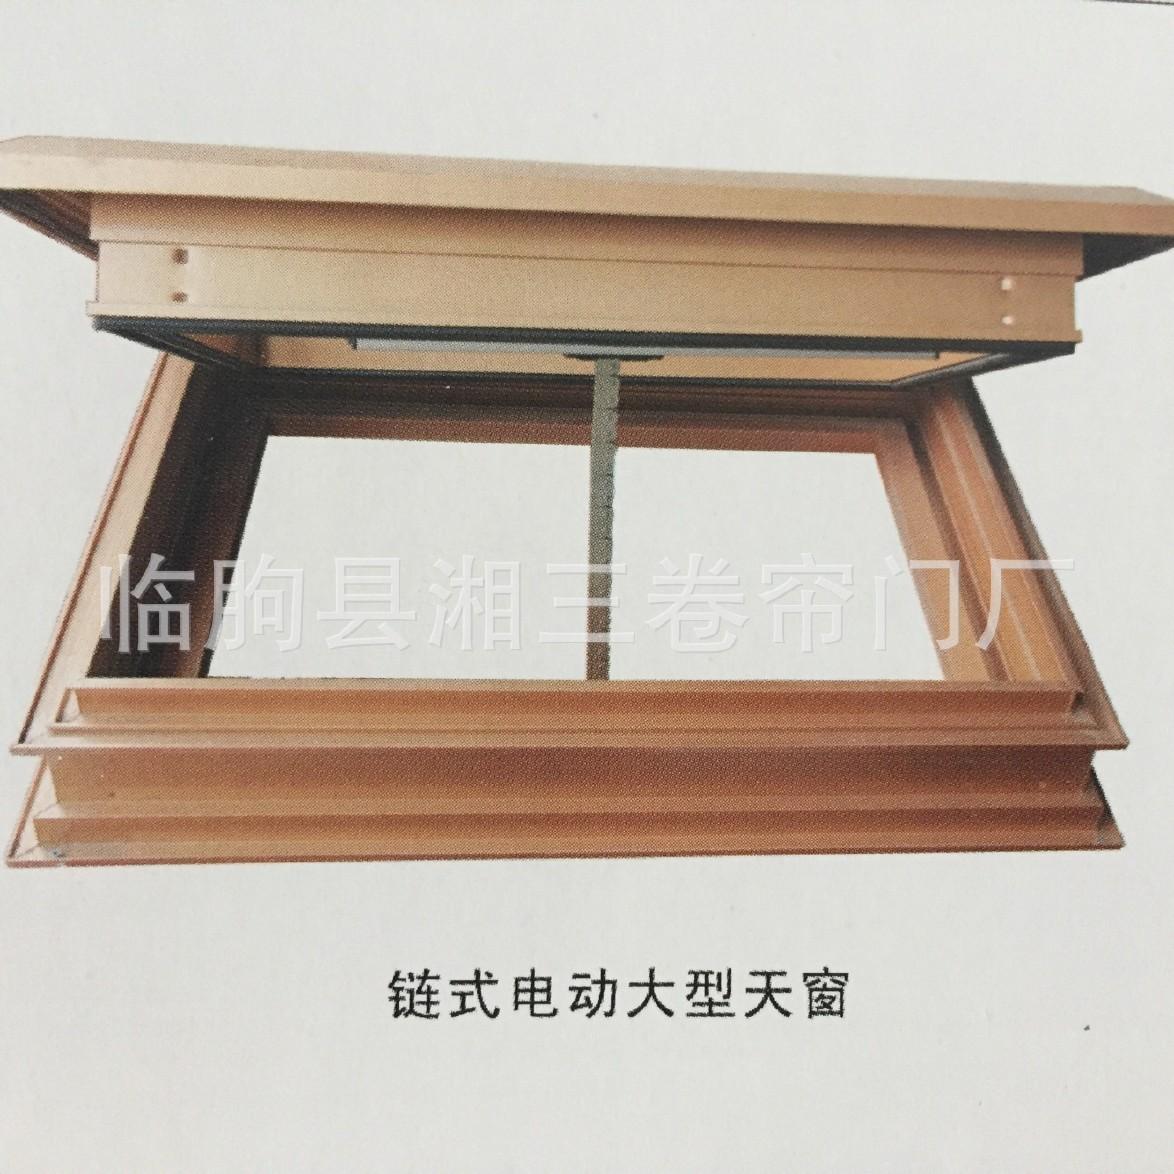 湘三批发手动 电动天窗消防电动排烟中悬窗天窗 电动排烟天窗图片